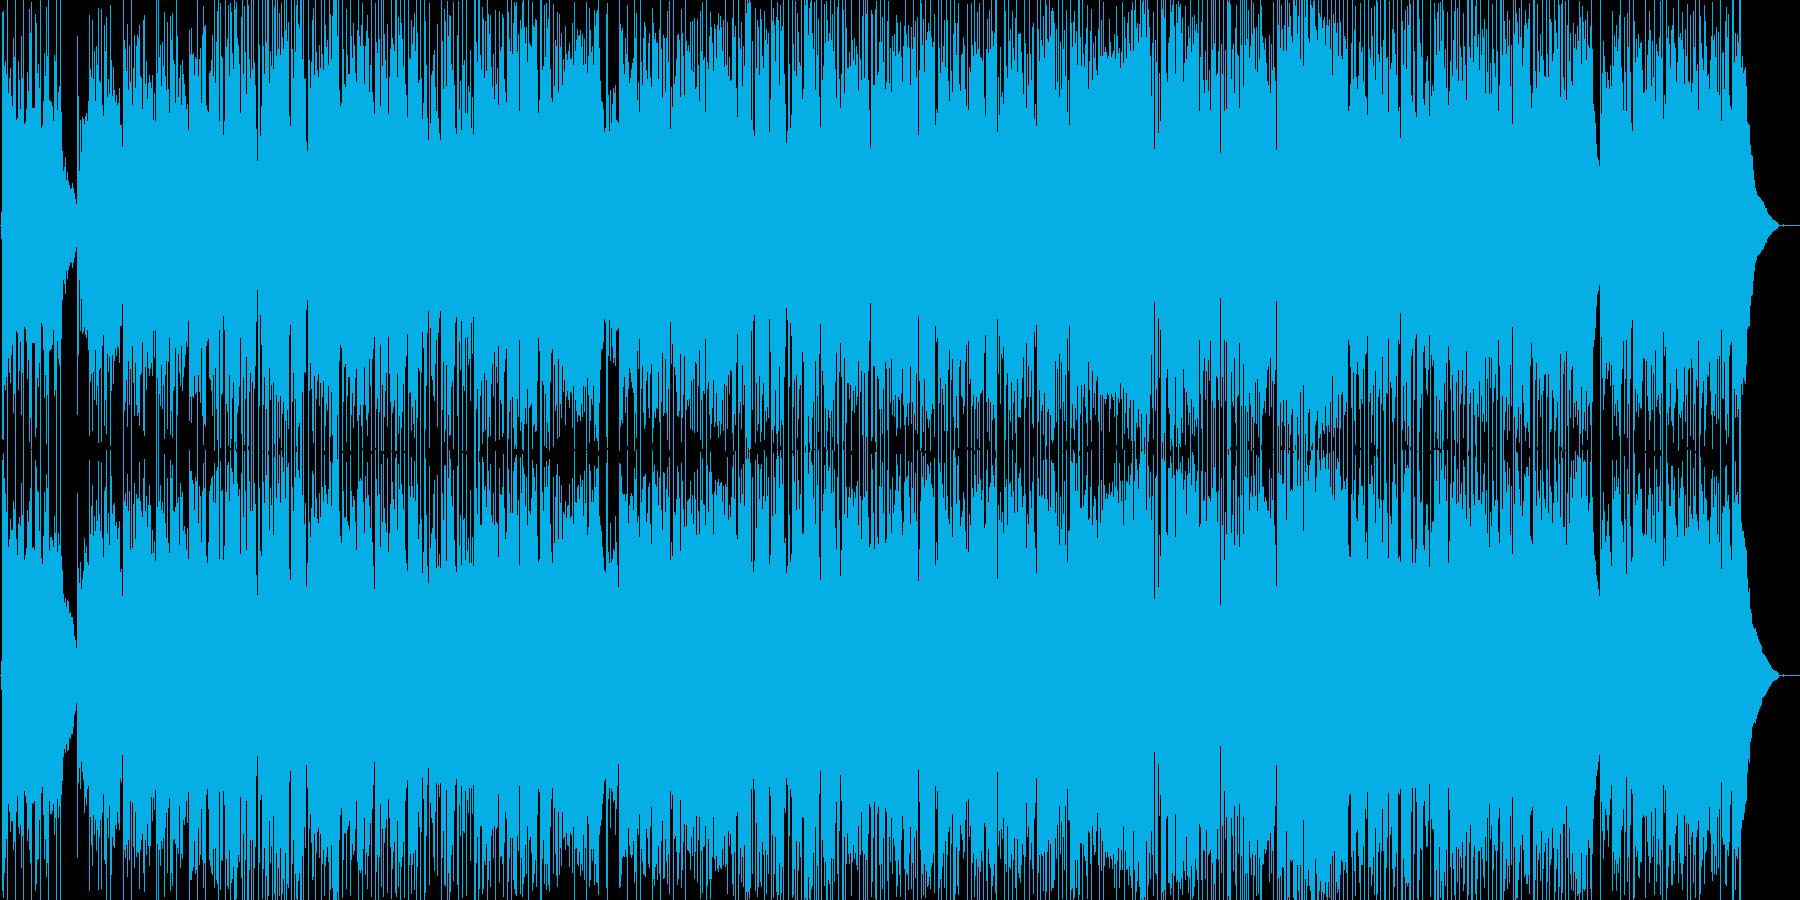 対話をテーマに作曲しました。ハープとギ…の再生済みの波形